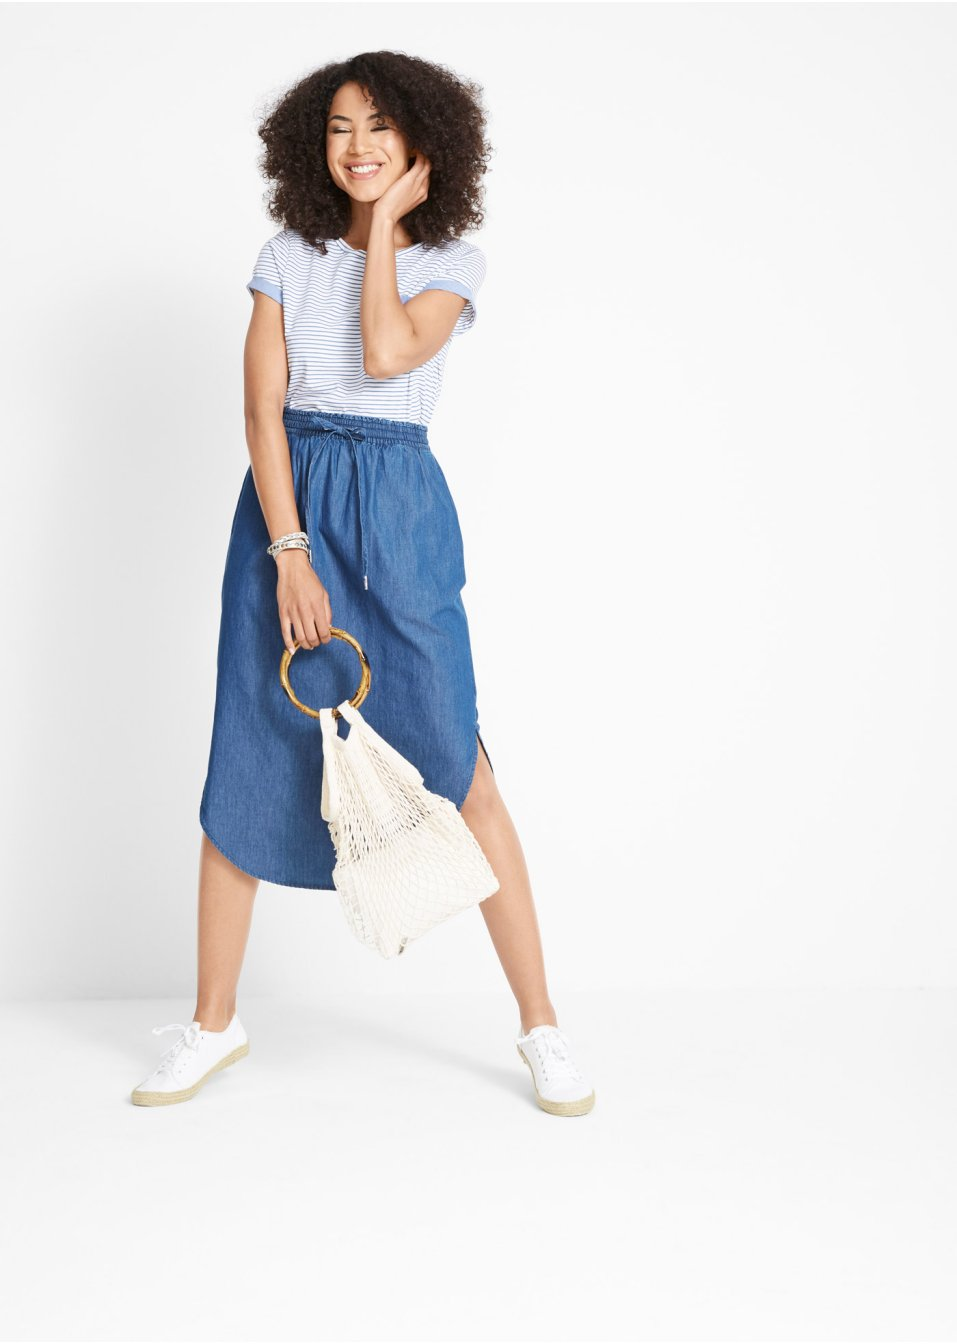 Mode Femme Vêtements DJLfdOFlkj Jupe en jean avec taille élastiquée bleu Femme John Baner JEANSWEAR .fr